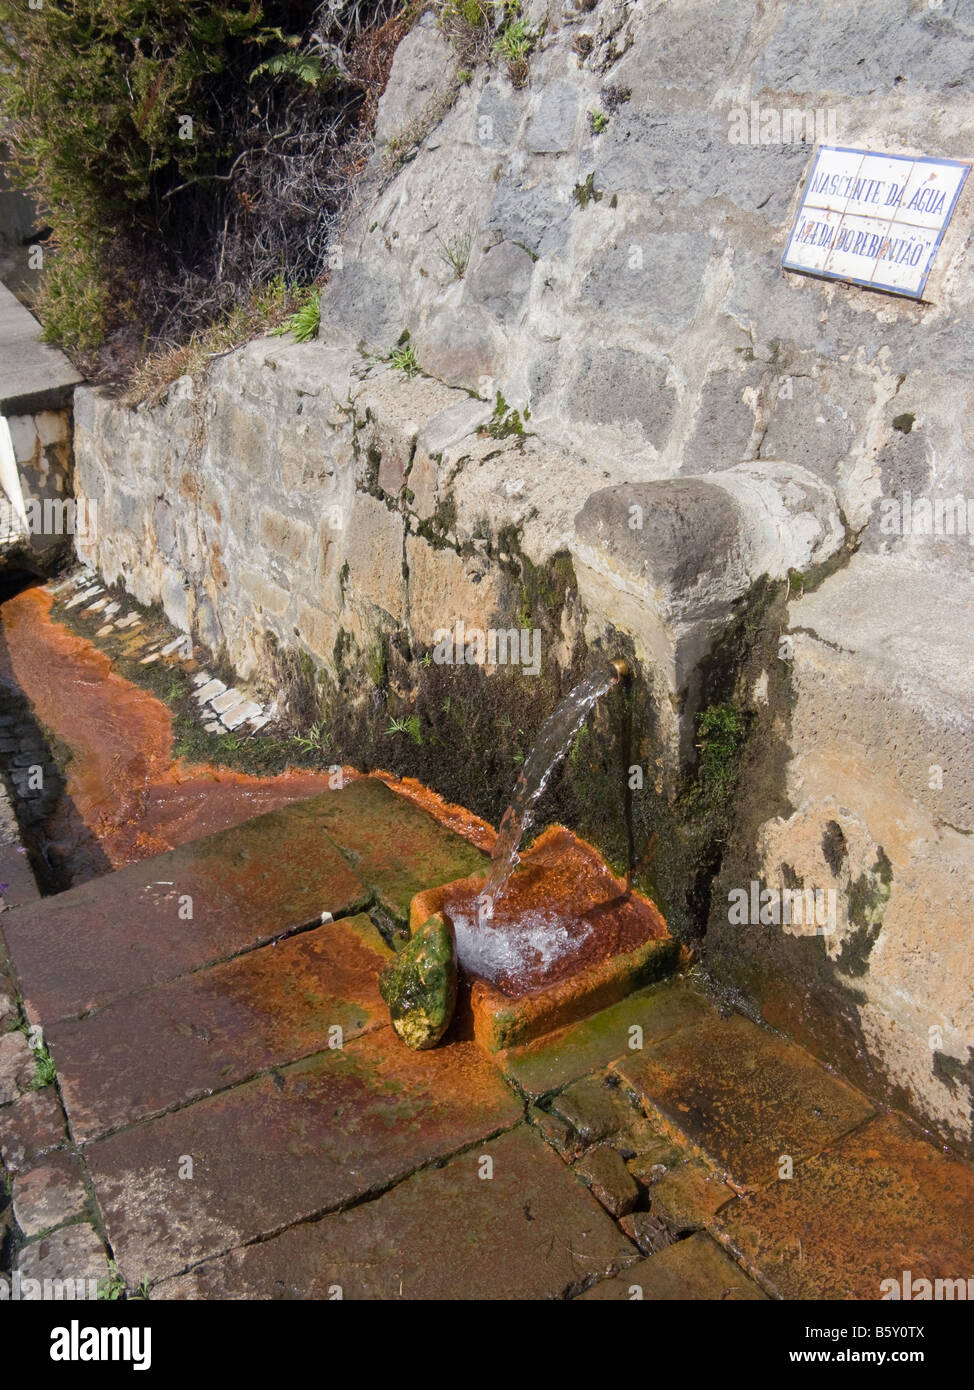 Frühling mit natürlich kohlensäurehaltigem Mineralwasser in Furnas, São Miguel, Azoren, Portugal Stockbild